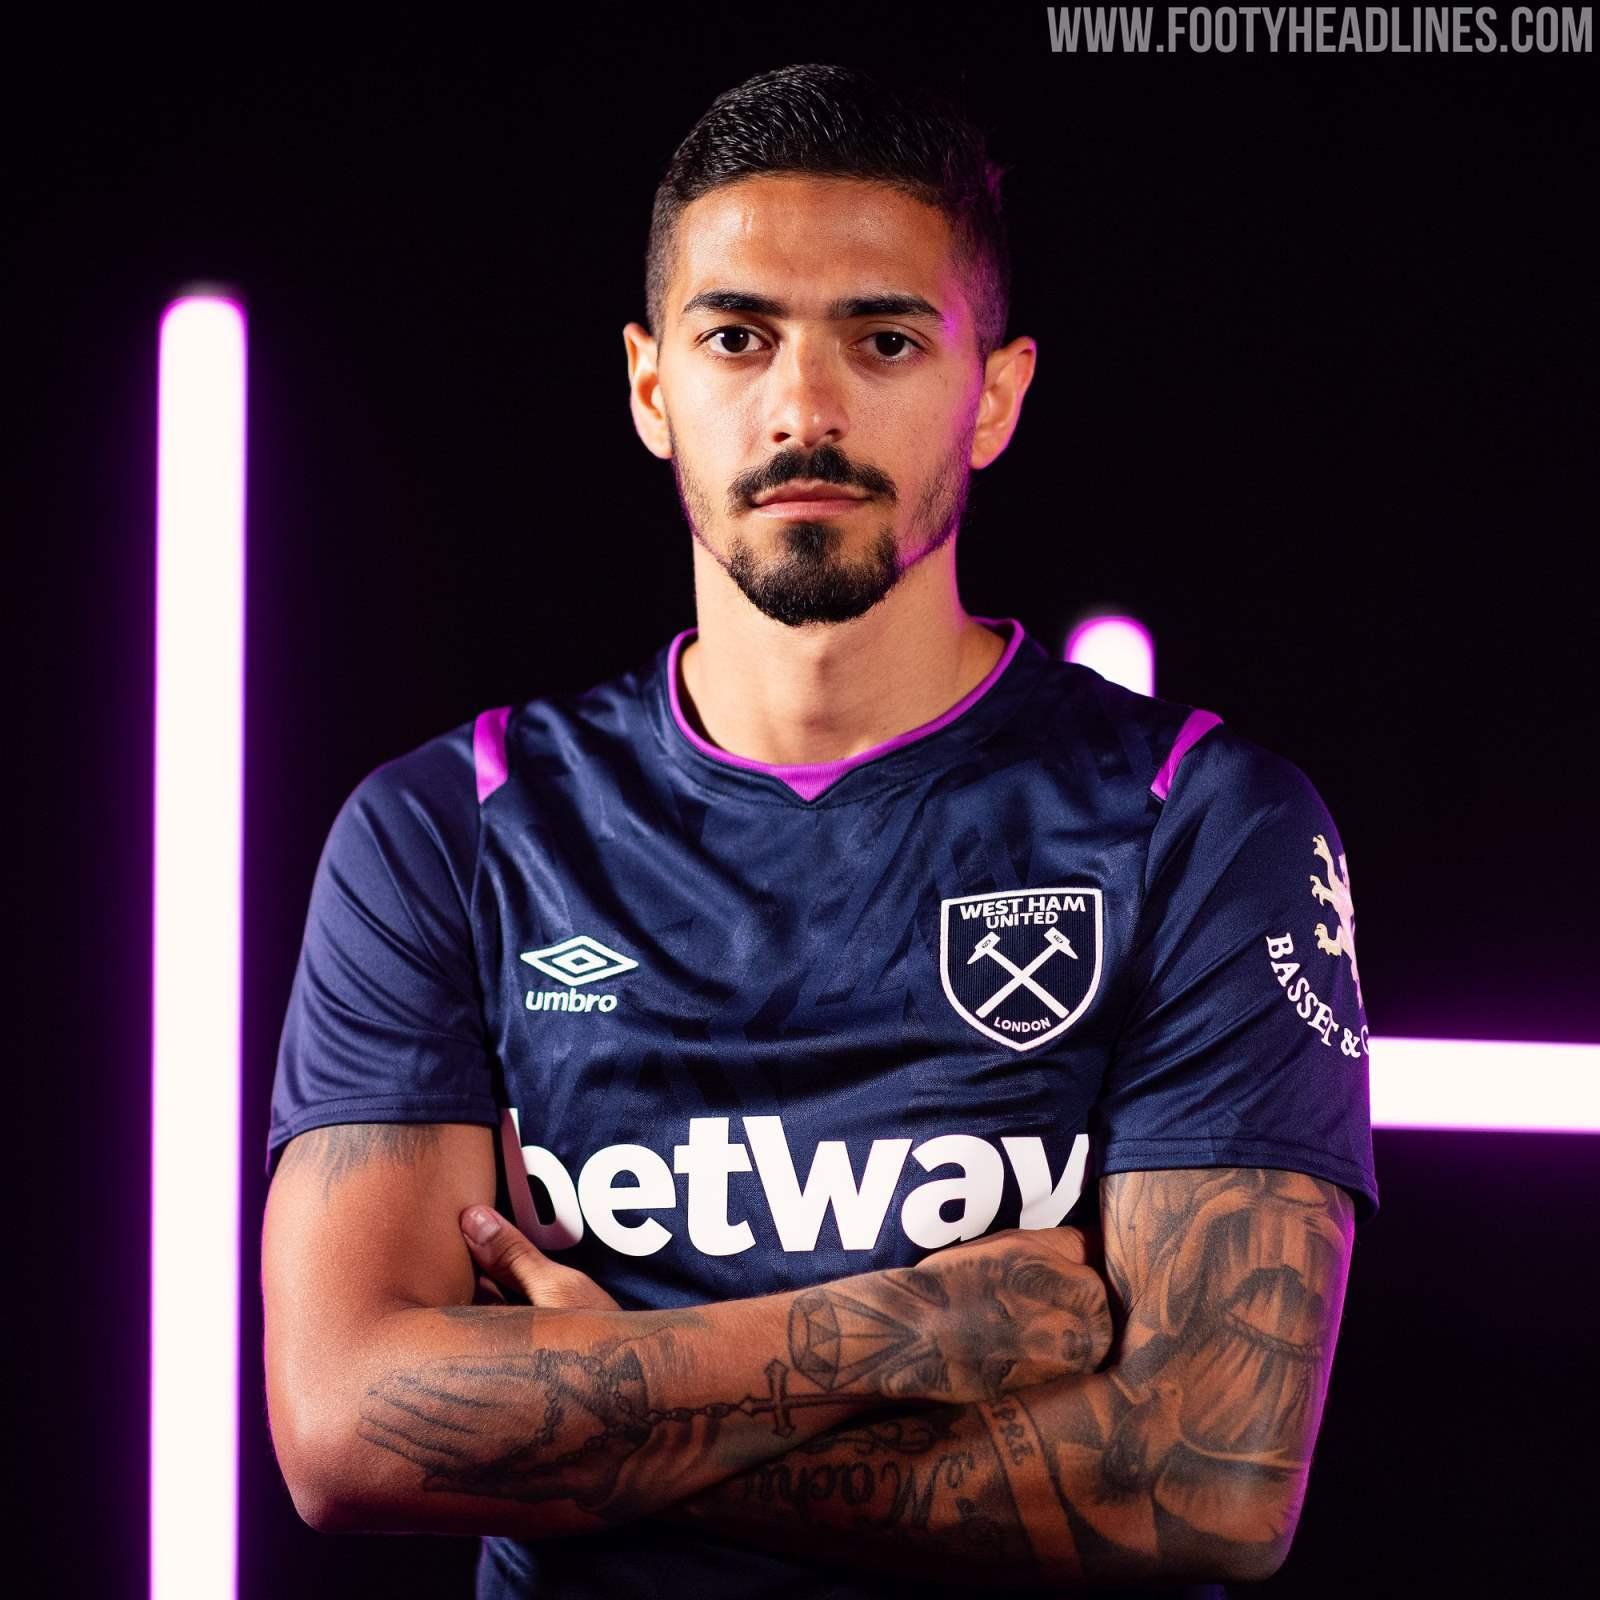 West Ham 19-20 Third Kit Released - Footy Headlines